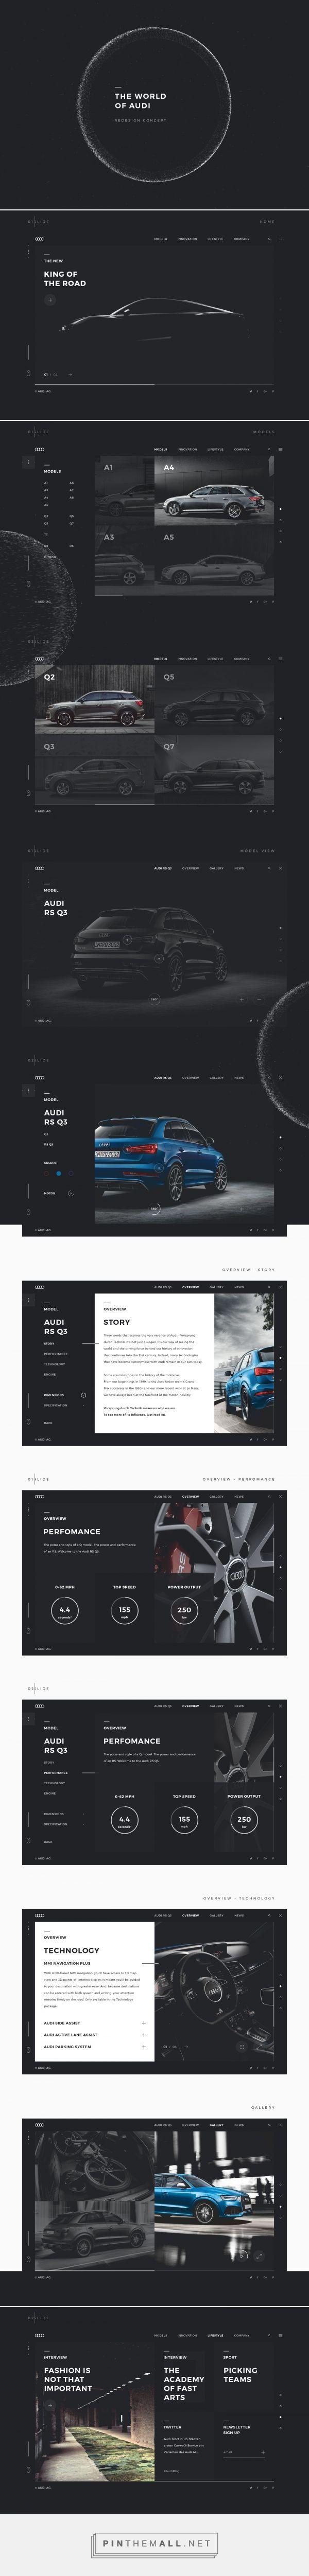 183 best GRAPHIC DESIGN: Website Design/UI UX images on Pinterest ...